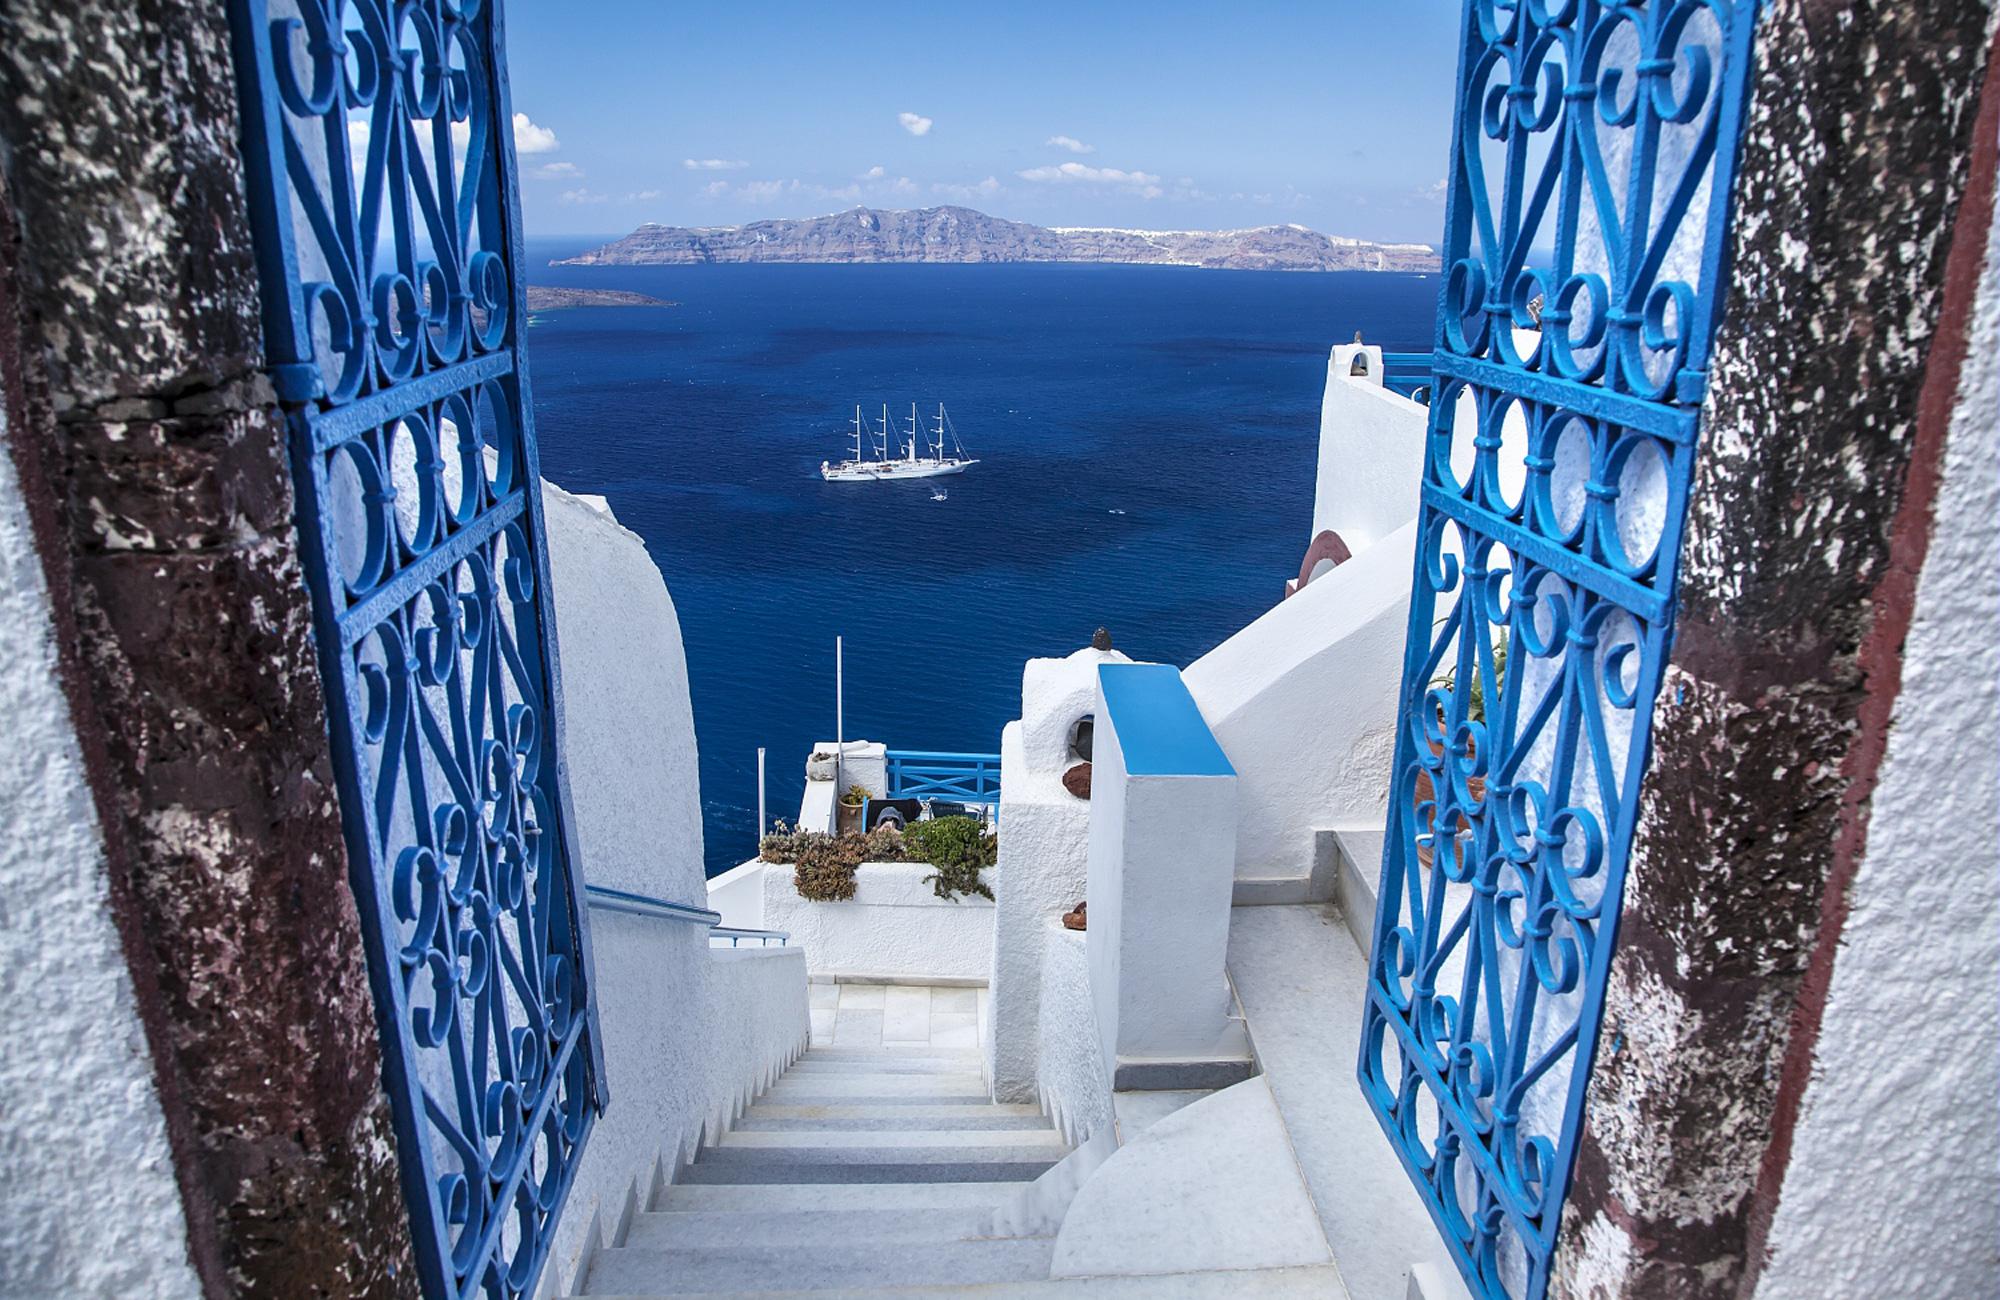 santorin-grece-bateau-amplitudes